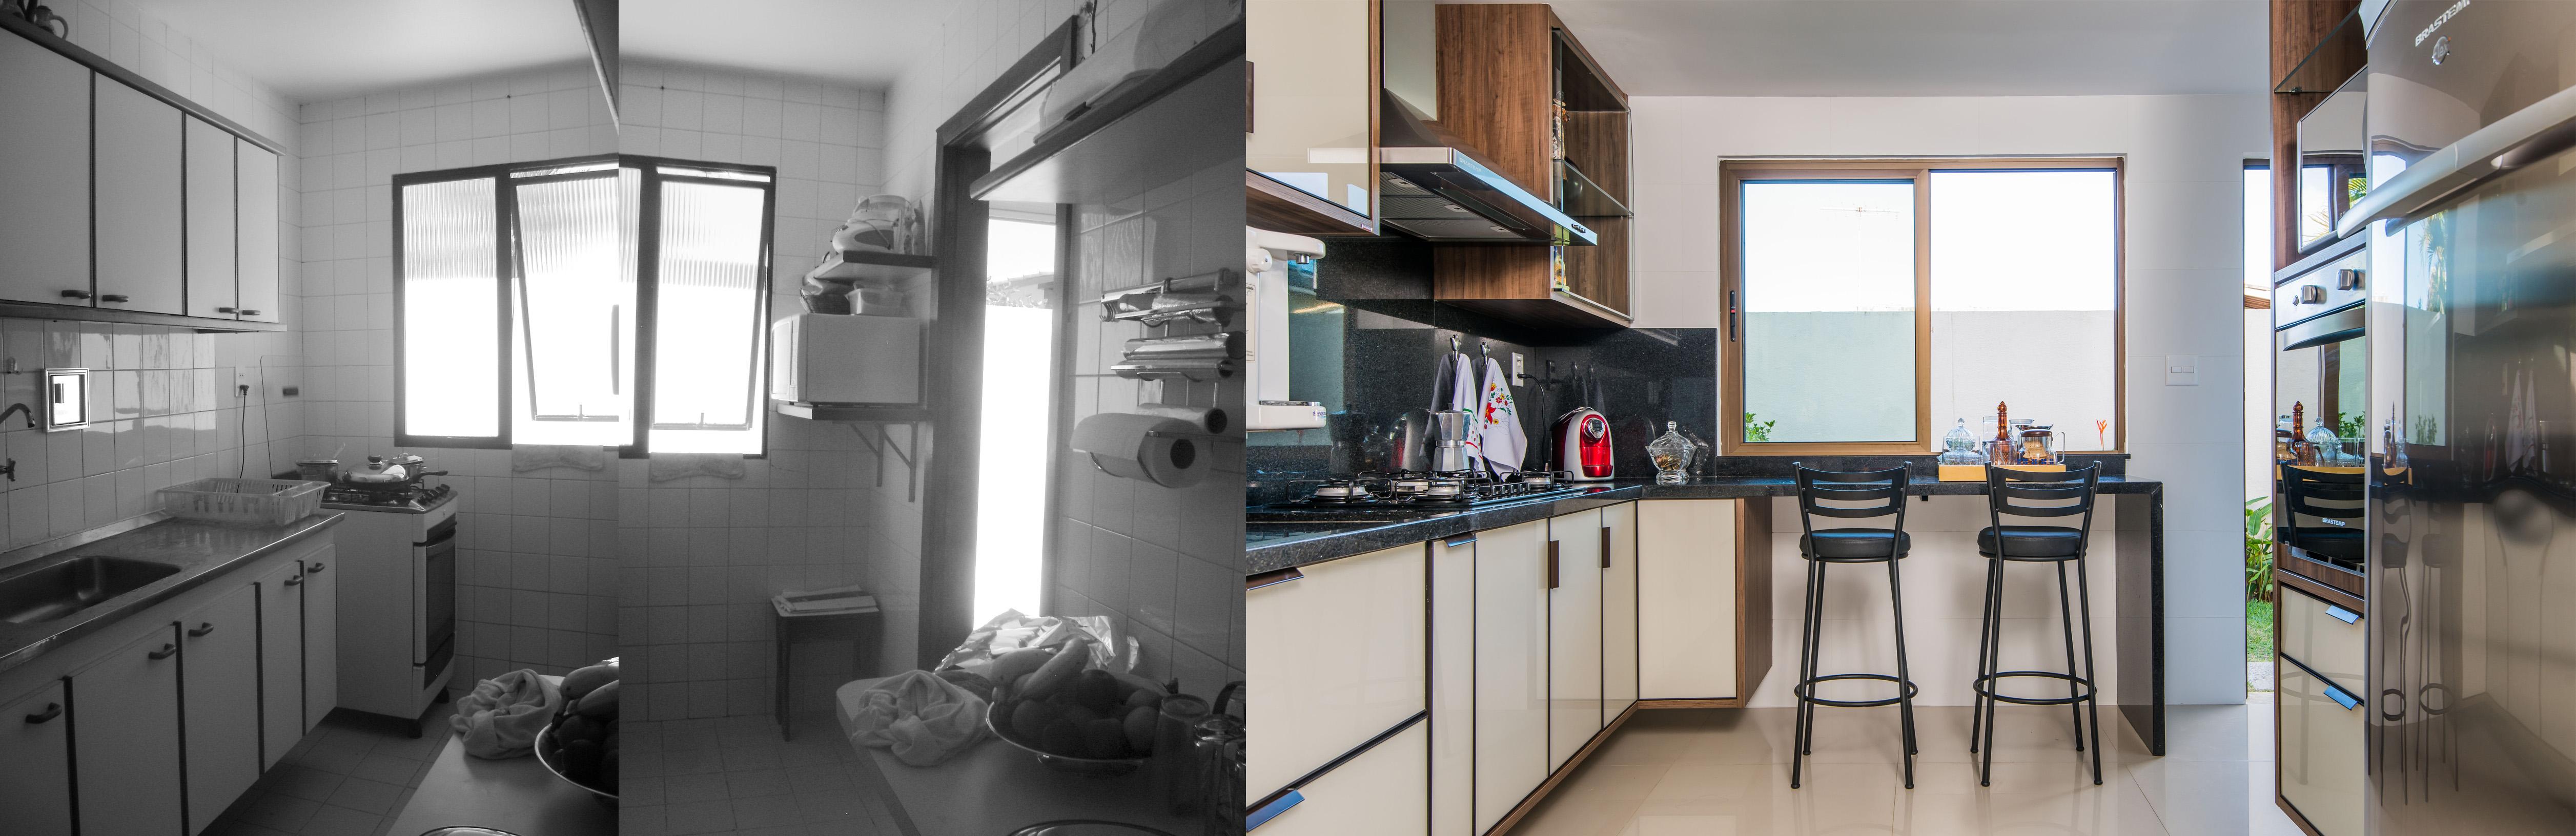 Cozinha ampliada e modernizada